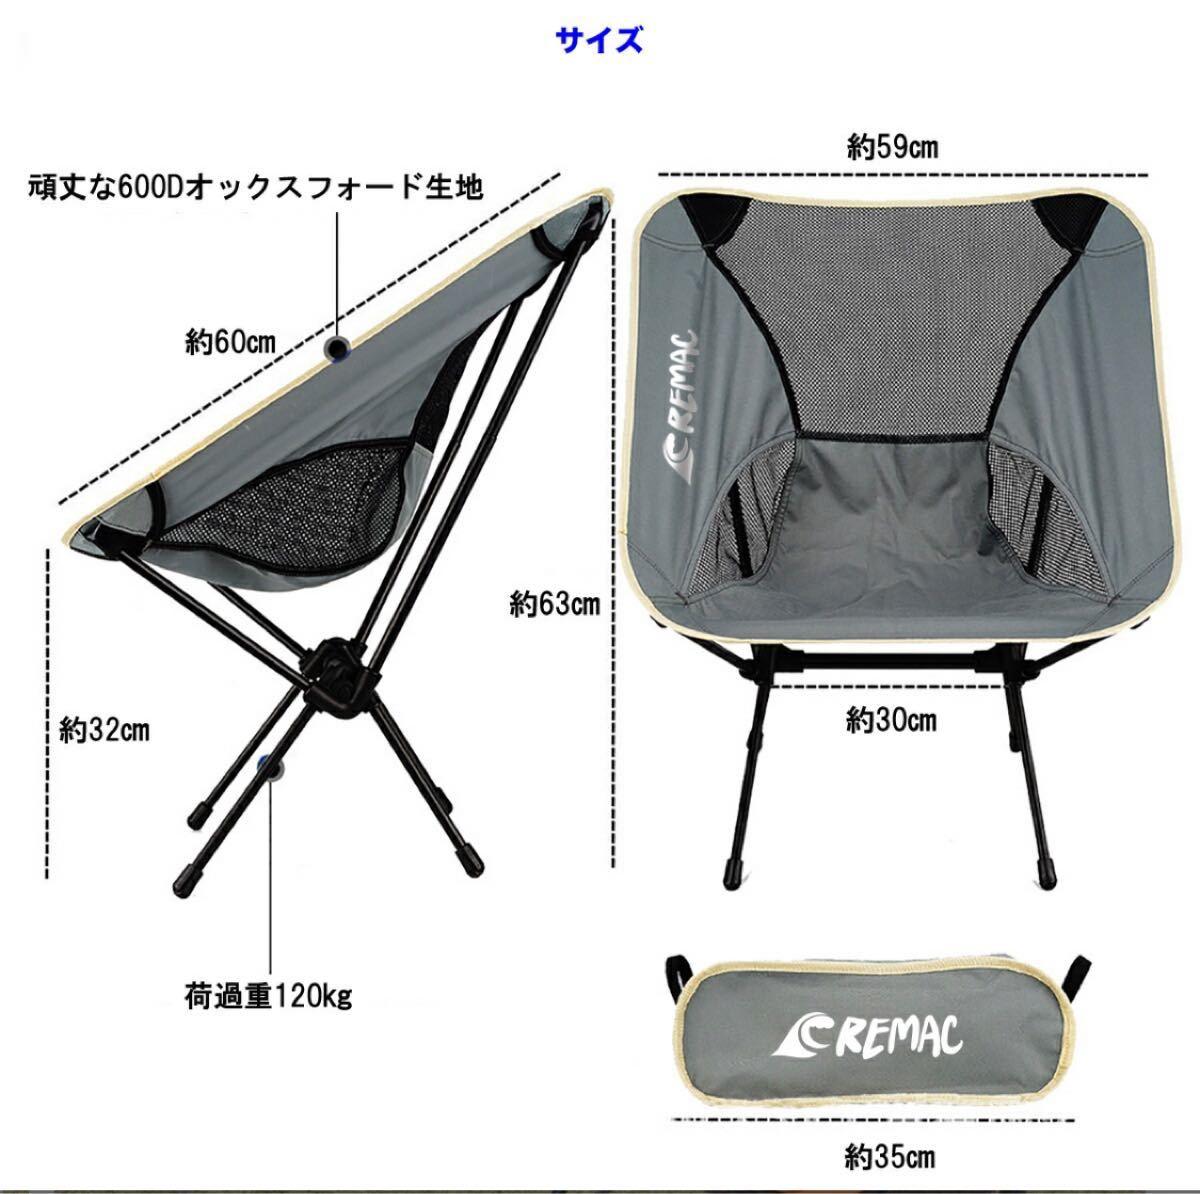 新品 らくらく持ち運び アウトドアチェア 折りたたみ キャンプ椅子 オレンジ3